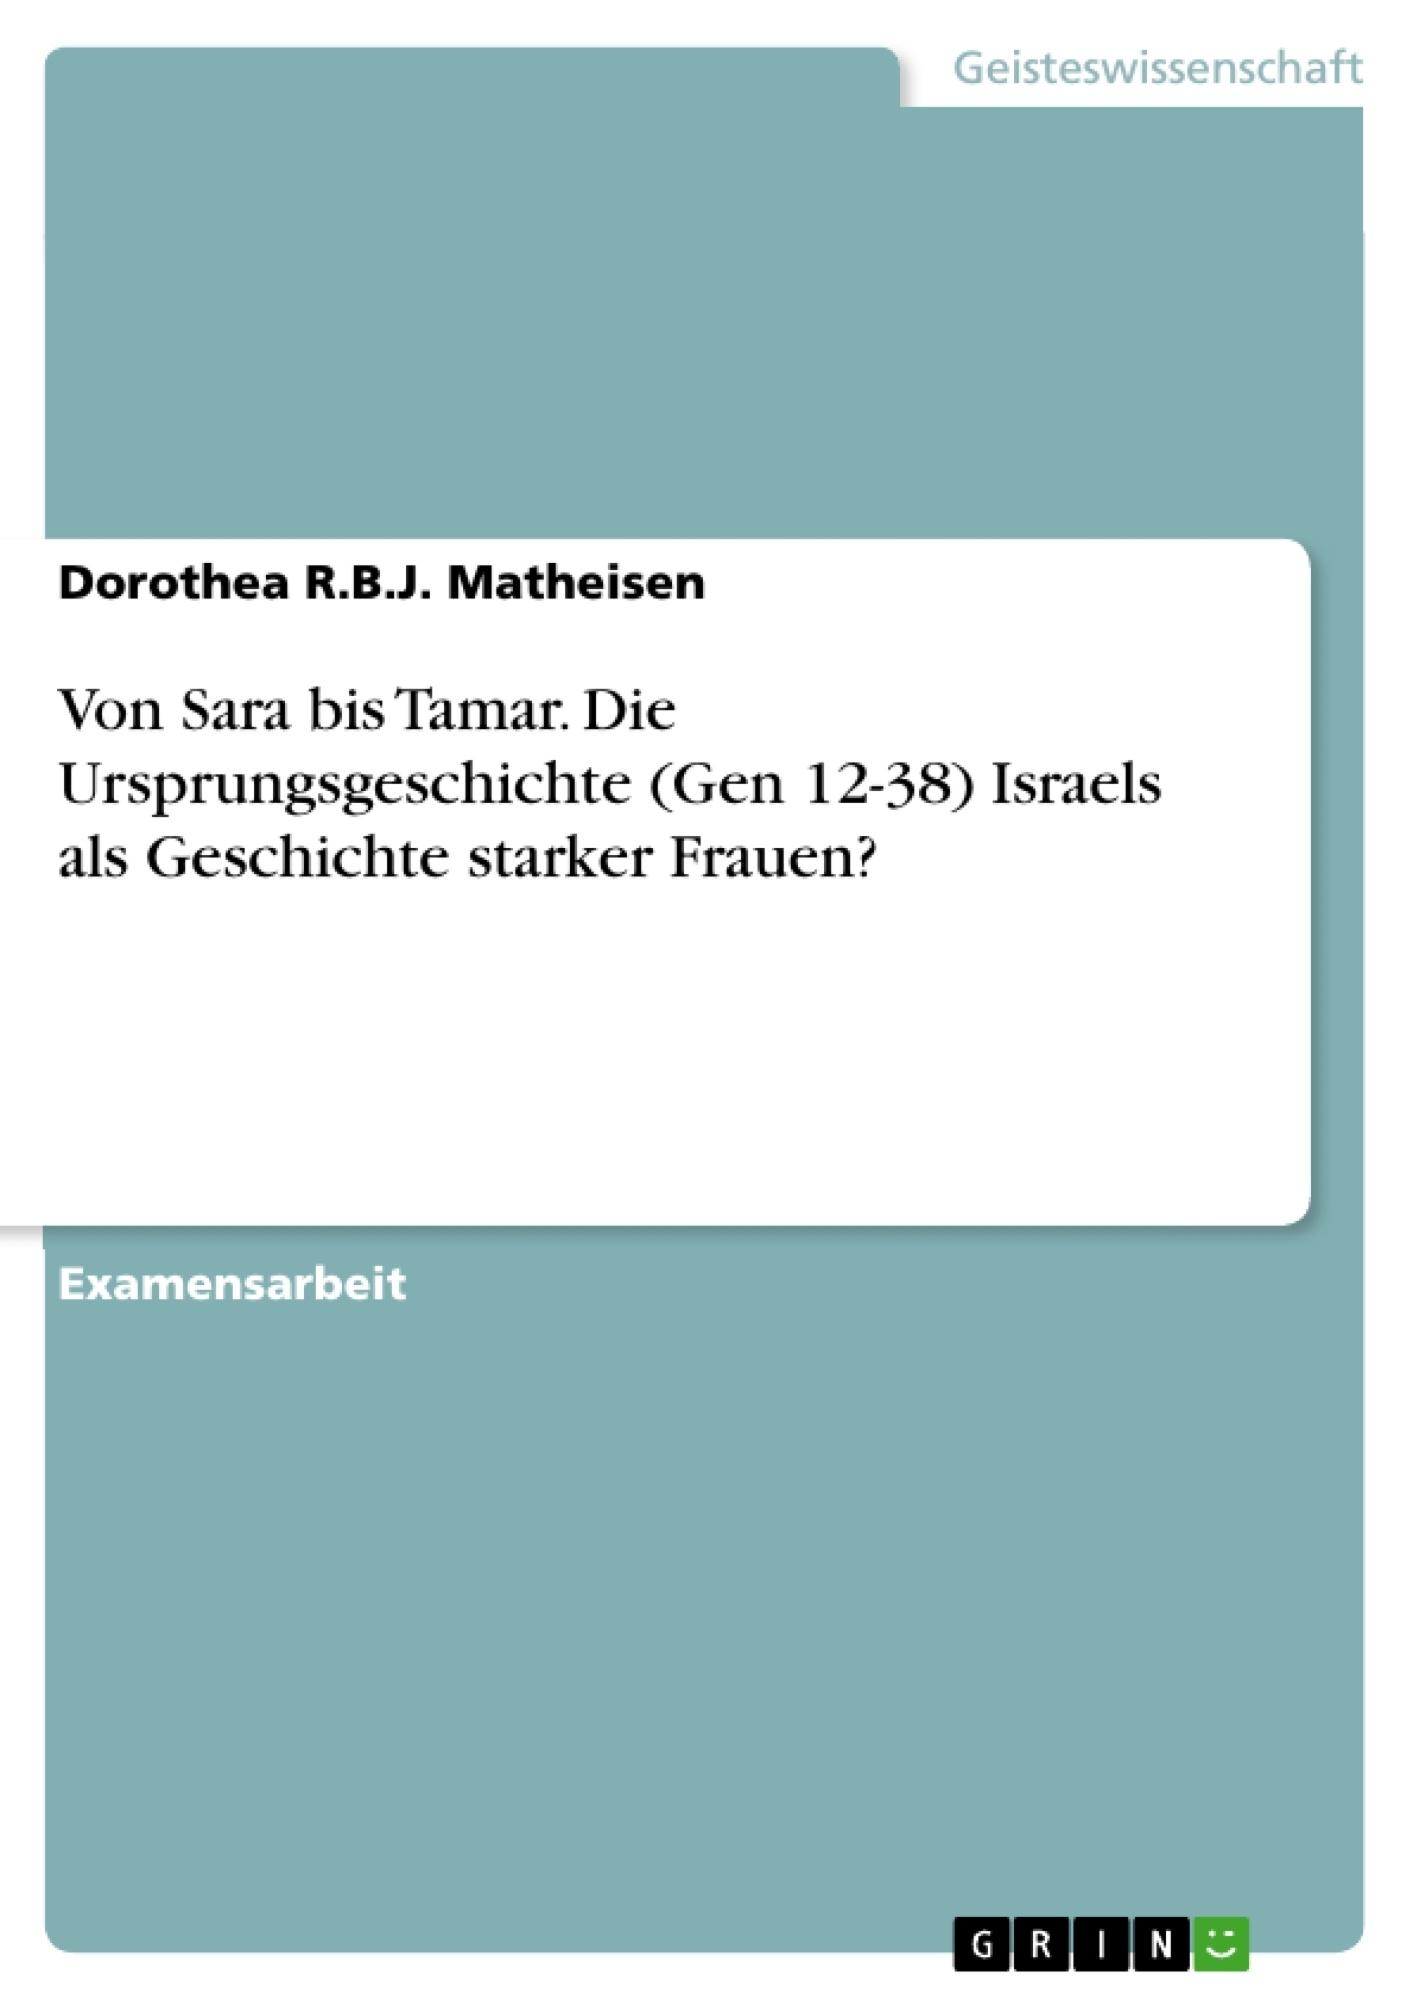 Titel: Von Sara bis Tamar. Die Ursprungsgeschichte (Gen 12-38) Israels als Geschichte starker Frauen?